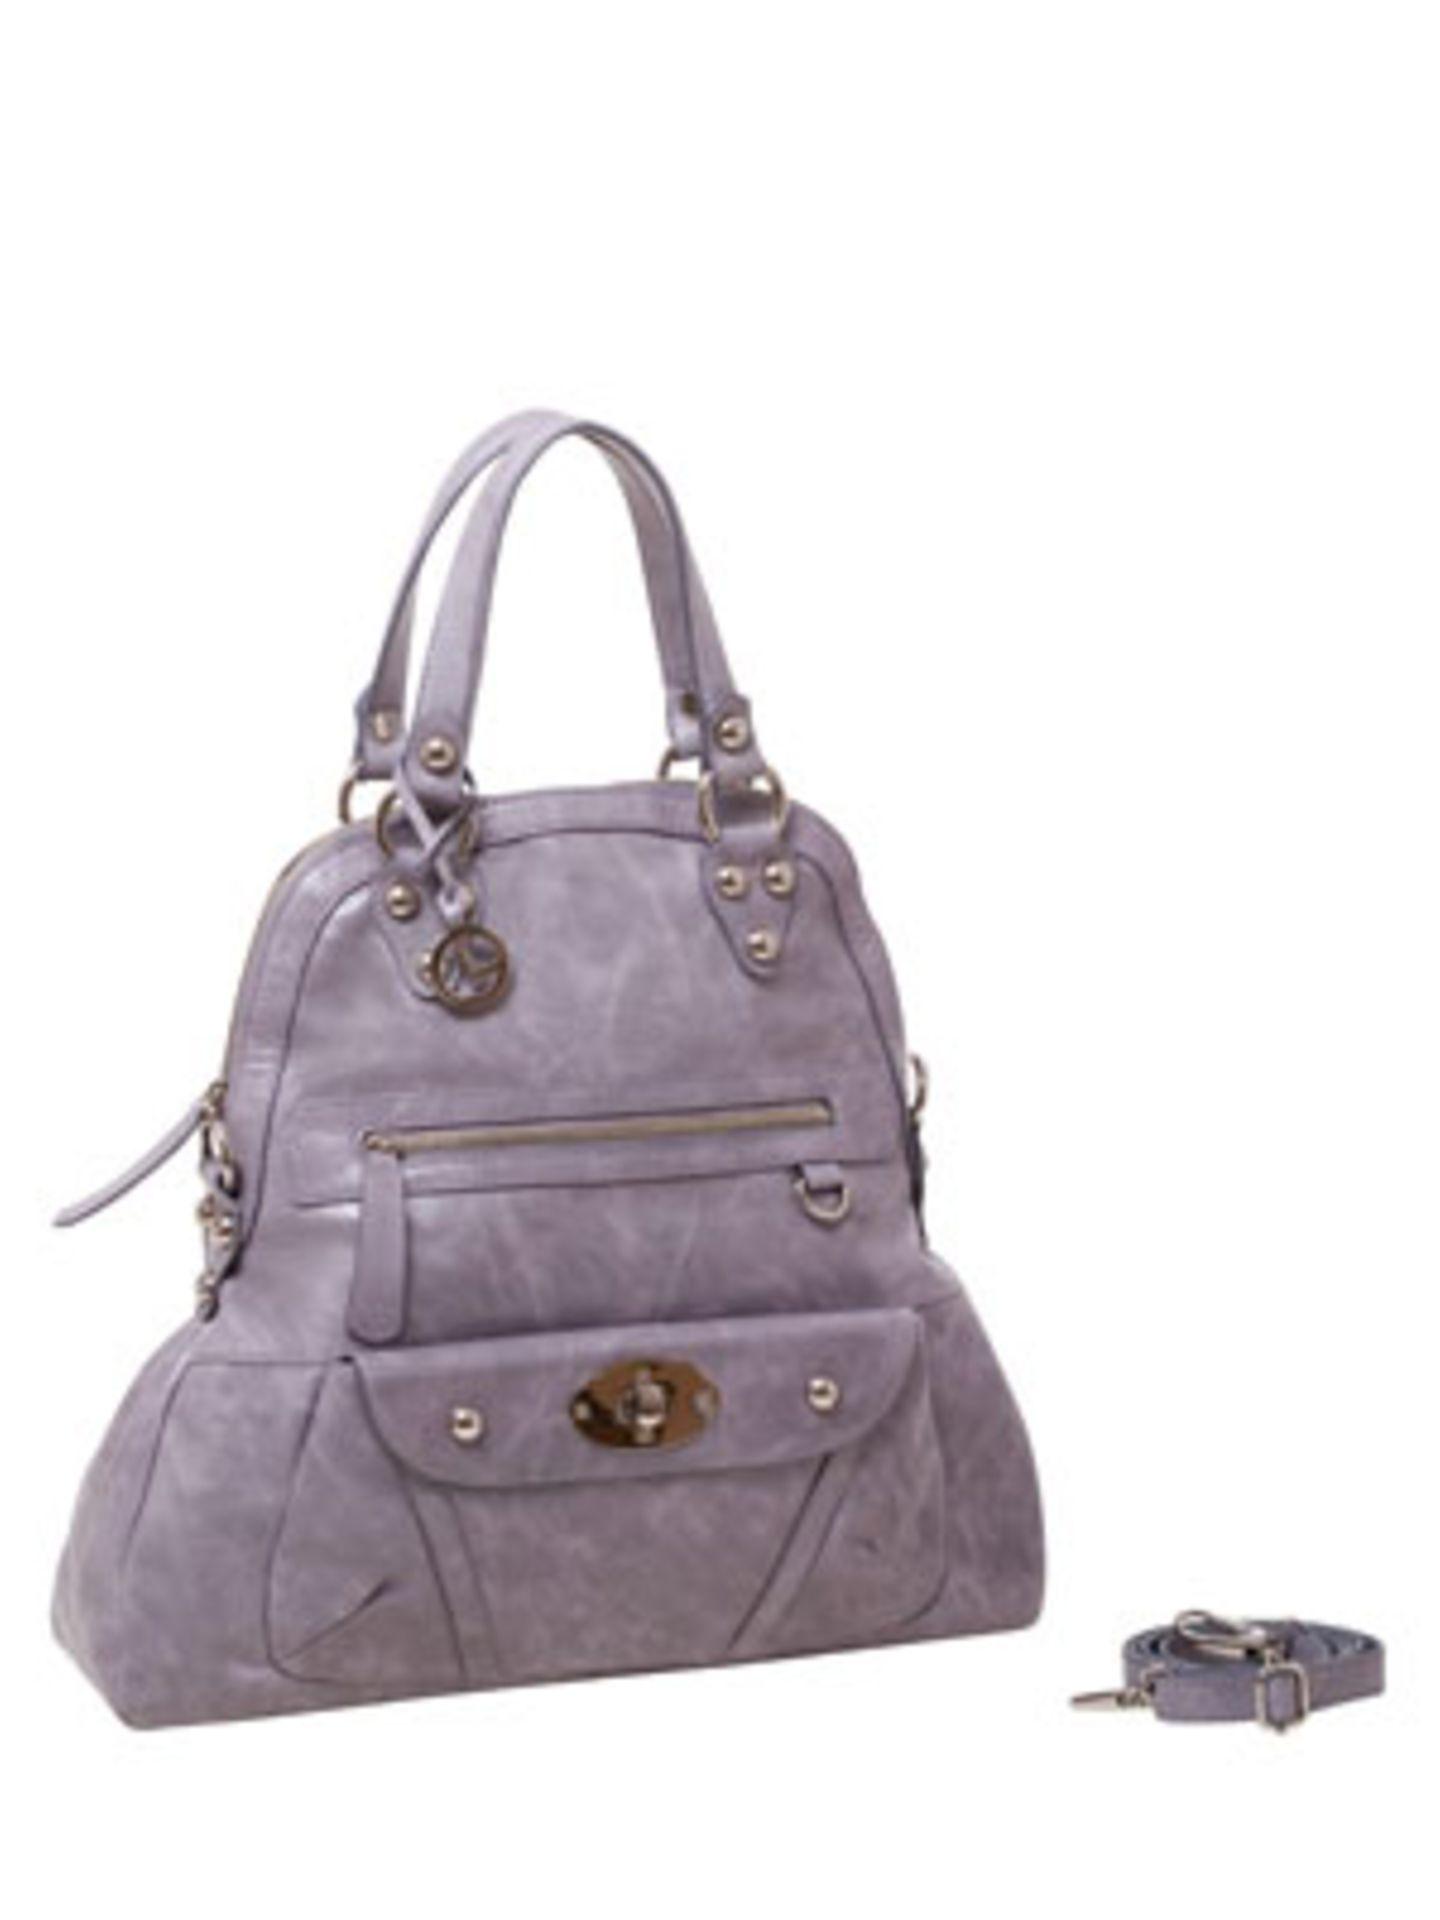 Formschöner Shopper aus Leder in Taupe-Violett von L.Credi, um 200 Euro.